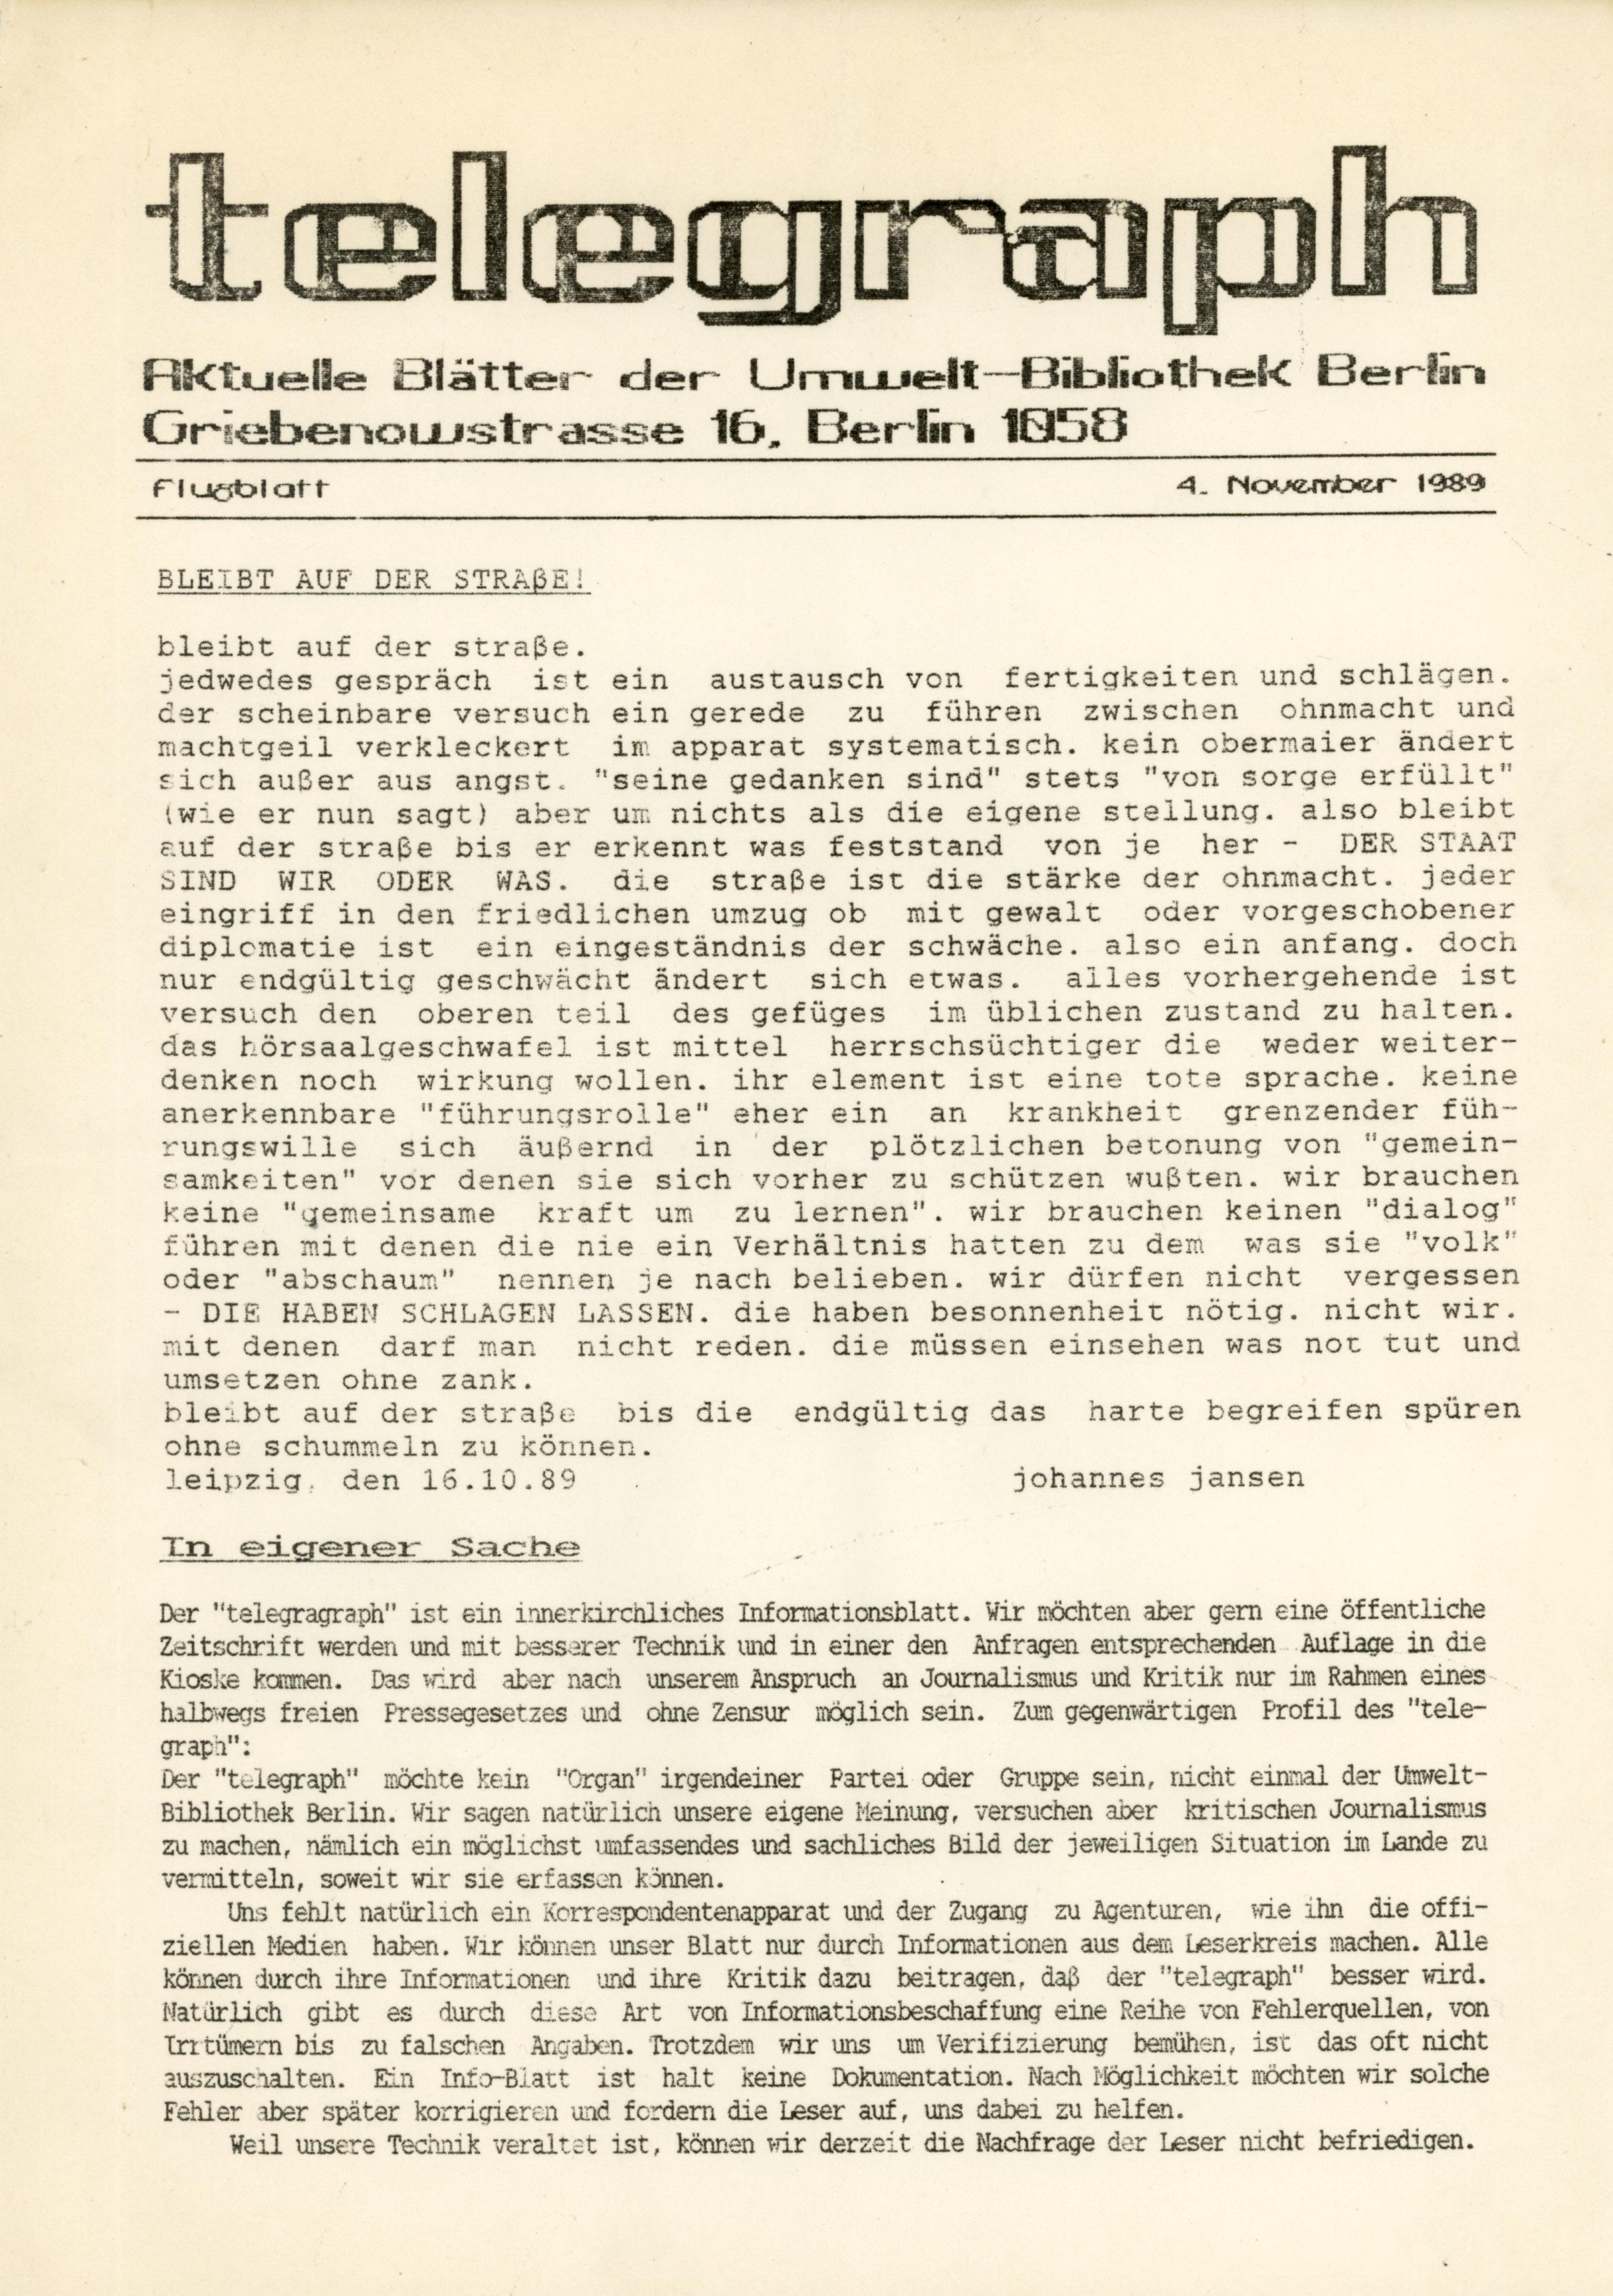 telegraph-Flugblatt - 04.November 1989: Bleibt auf der Straße!